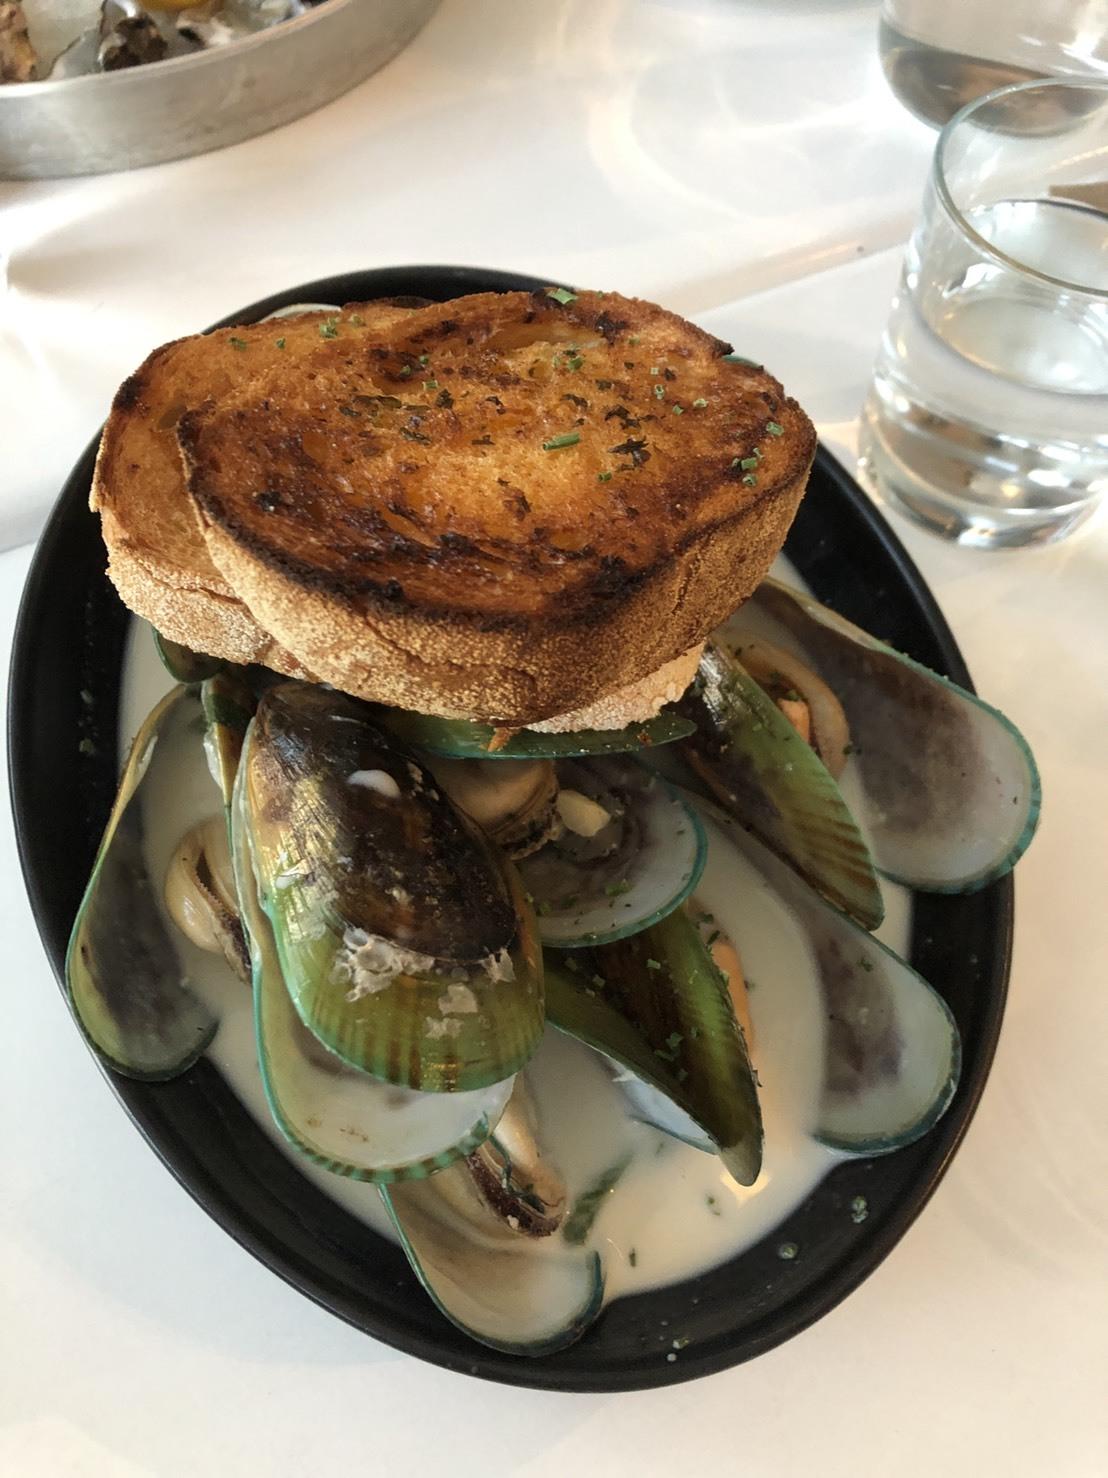 マッスル | オークランド(NZ)在住サチさんのおすすめ料理・食べ物